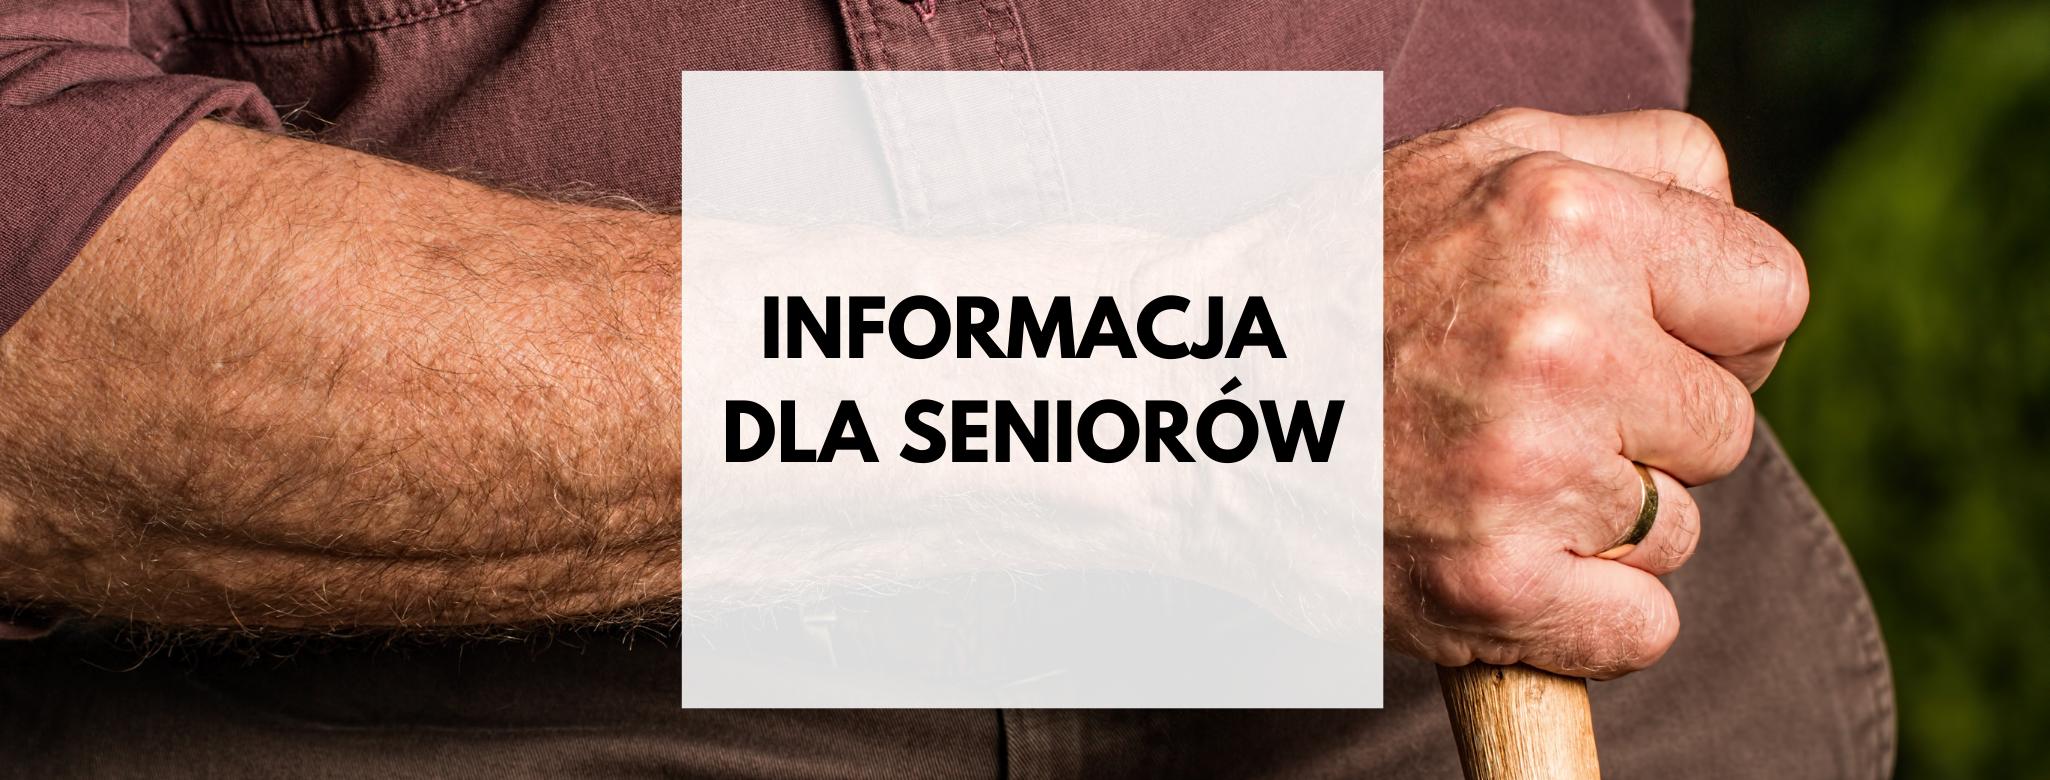 nagłówek graficzny o treści: informacja dla seniorów